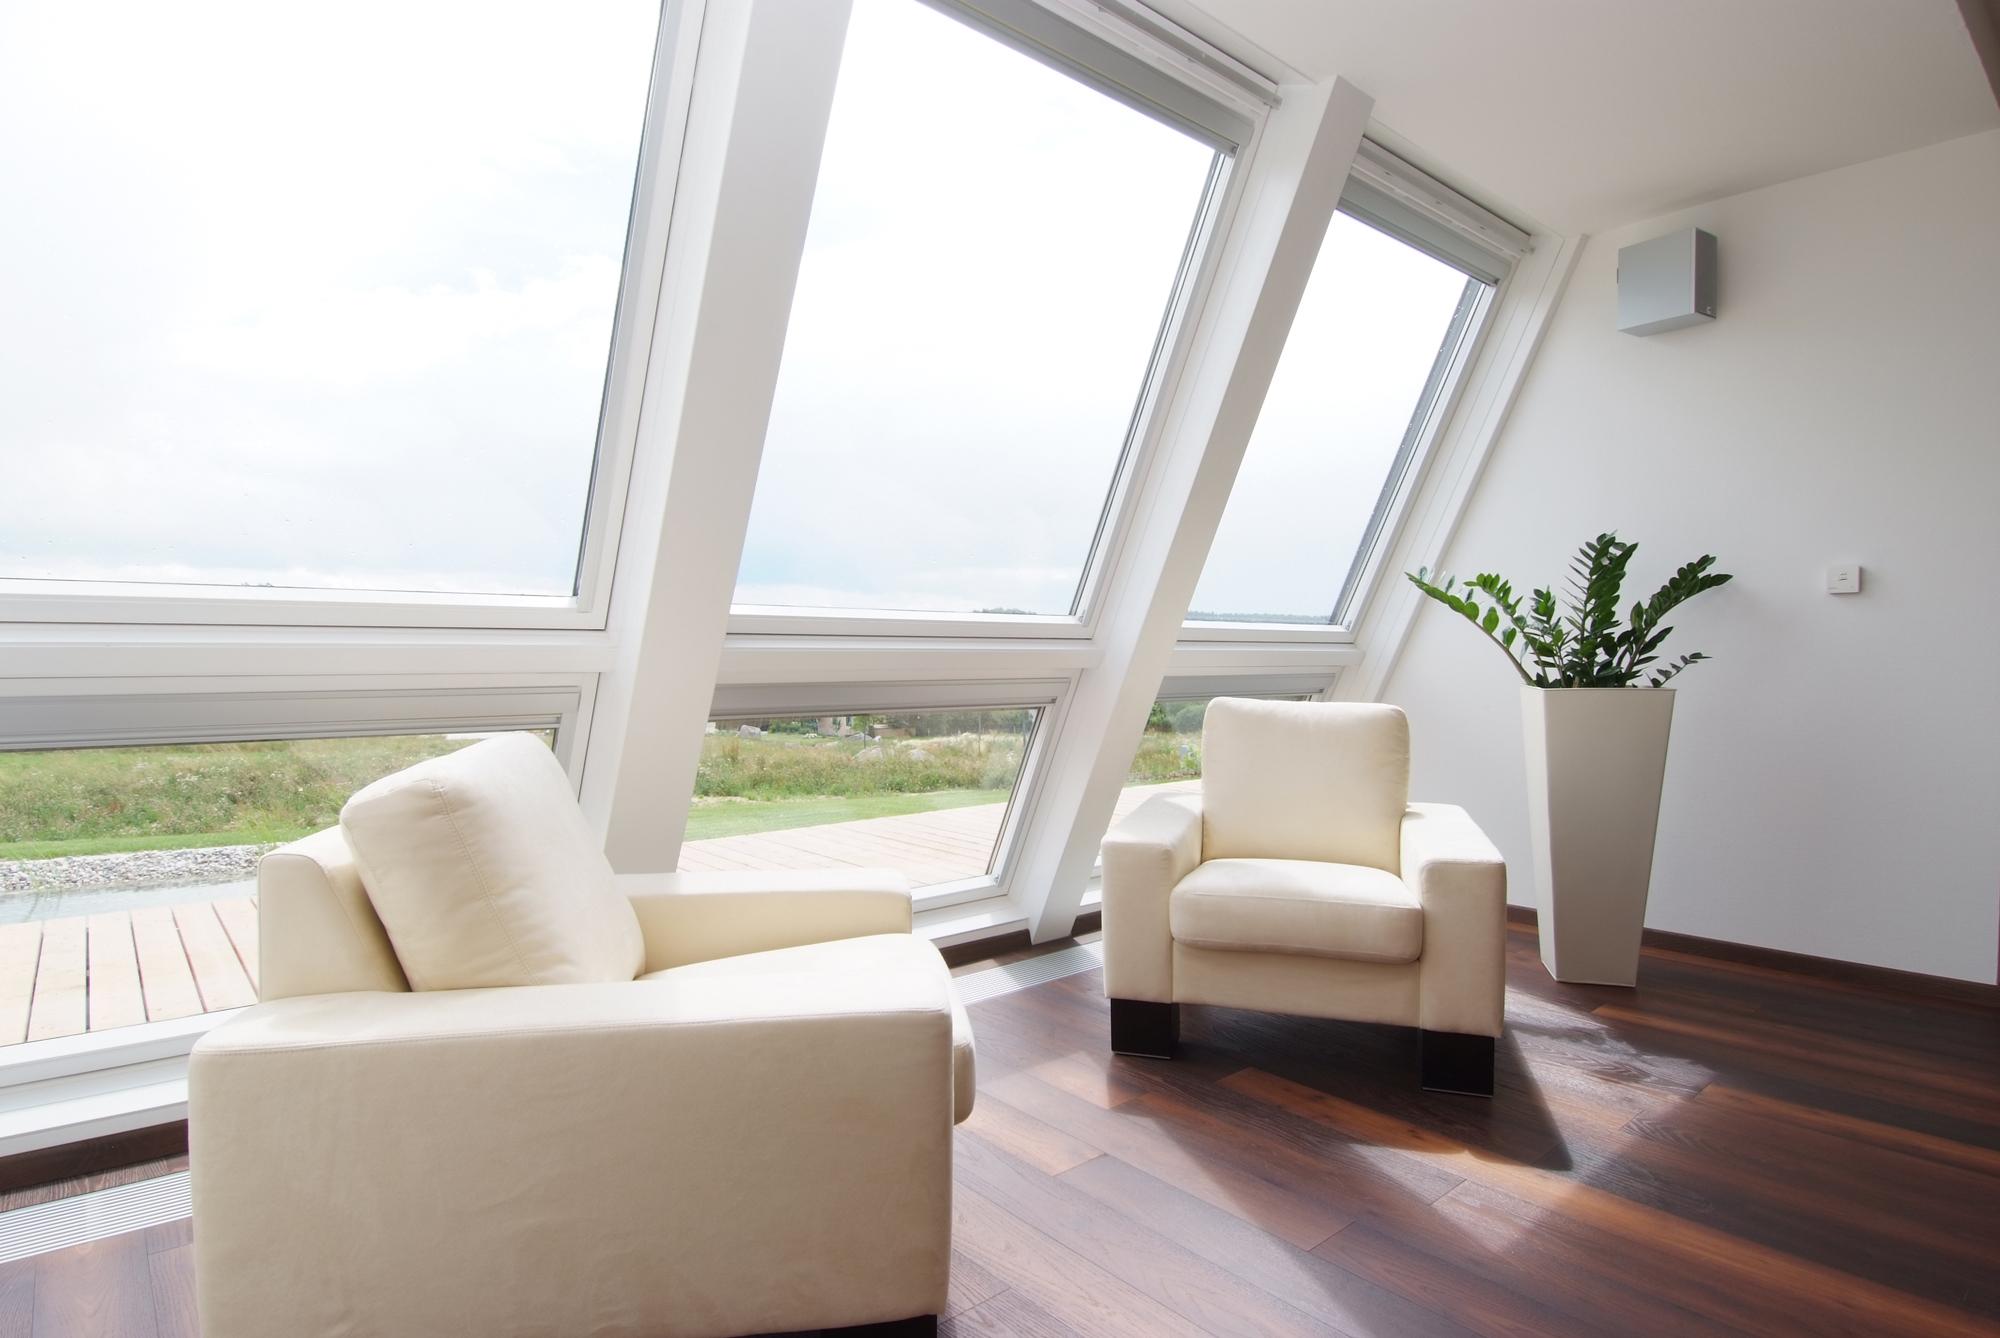 Chiusura di una terrazza a vasca nella copertura casa luce - Quanto costa una finestra velux ...